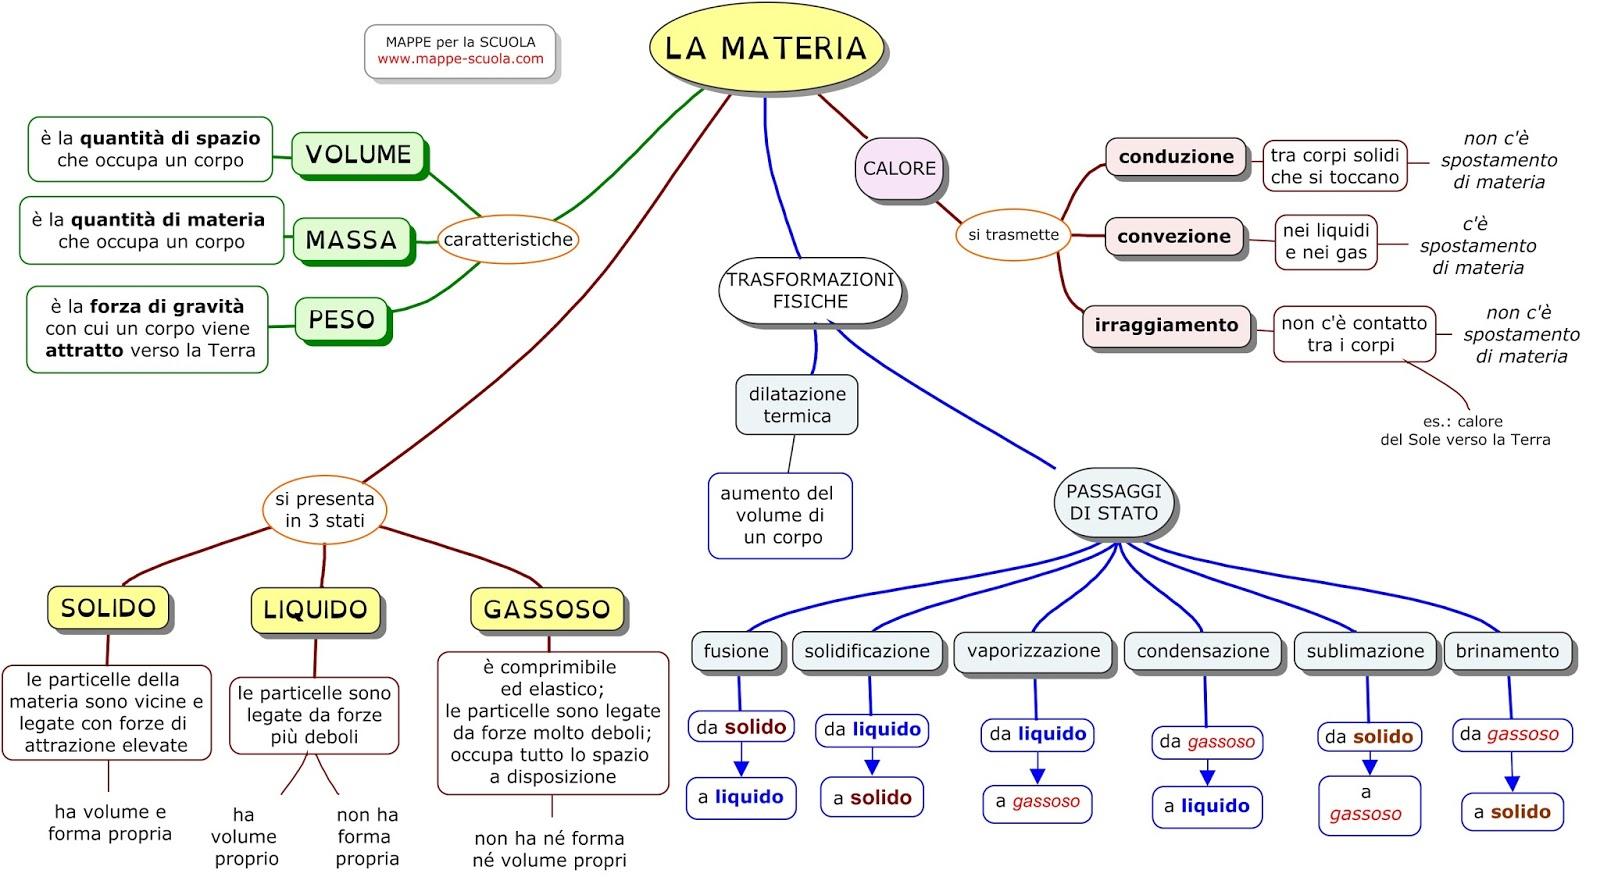 MAPPE Per La SCUOLA: LA MATERIA (scienze